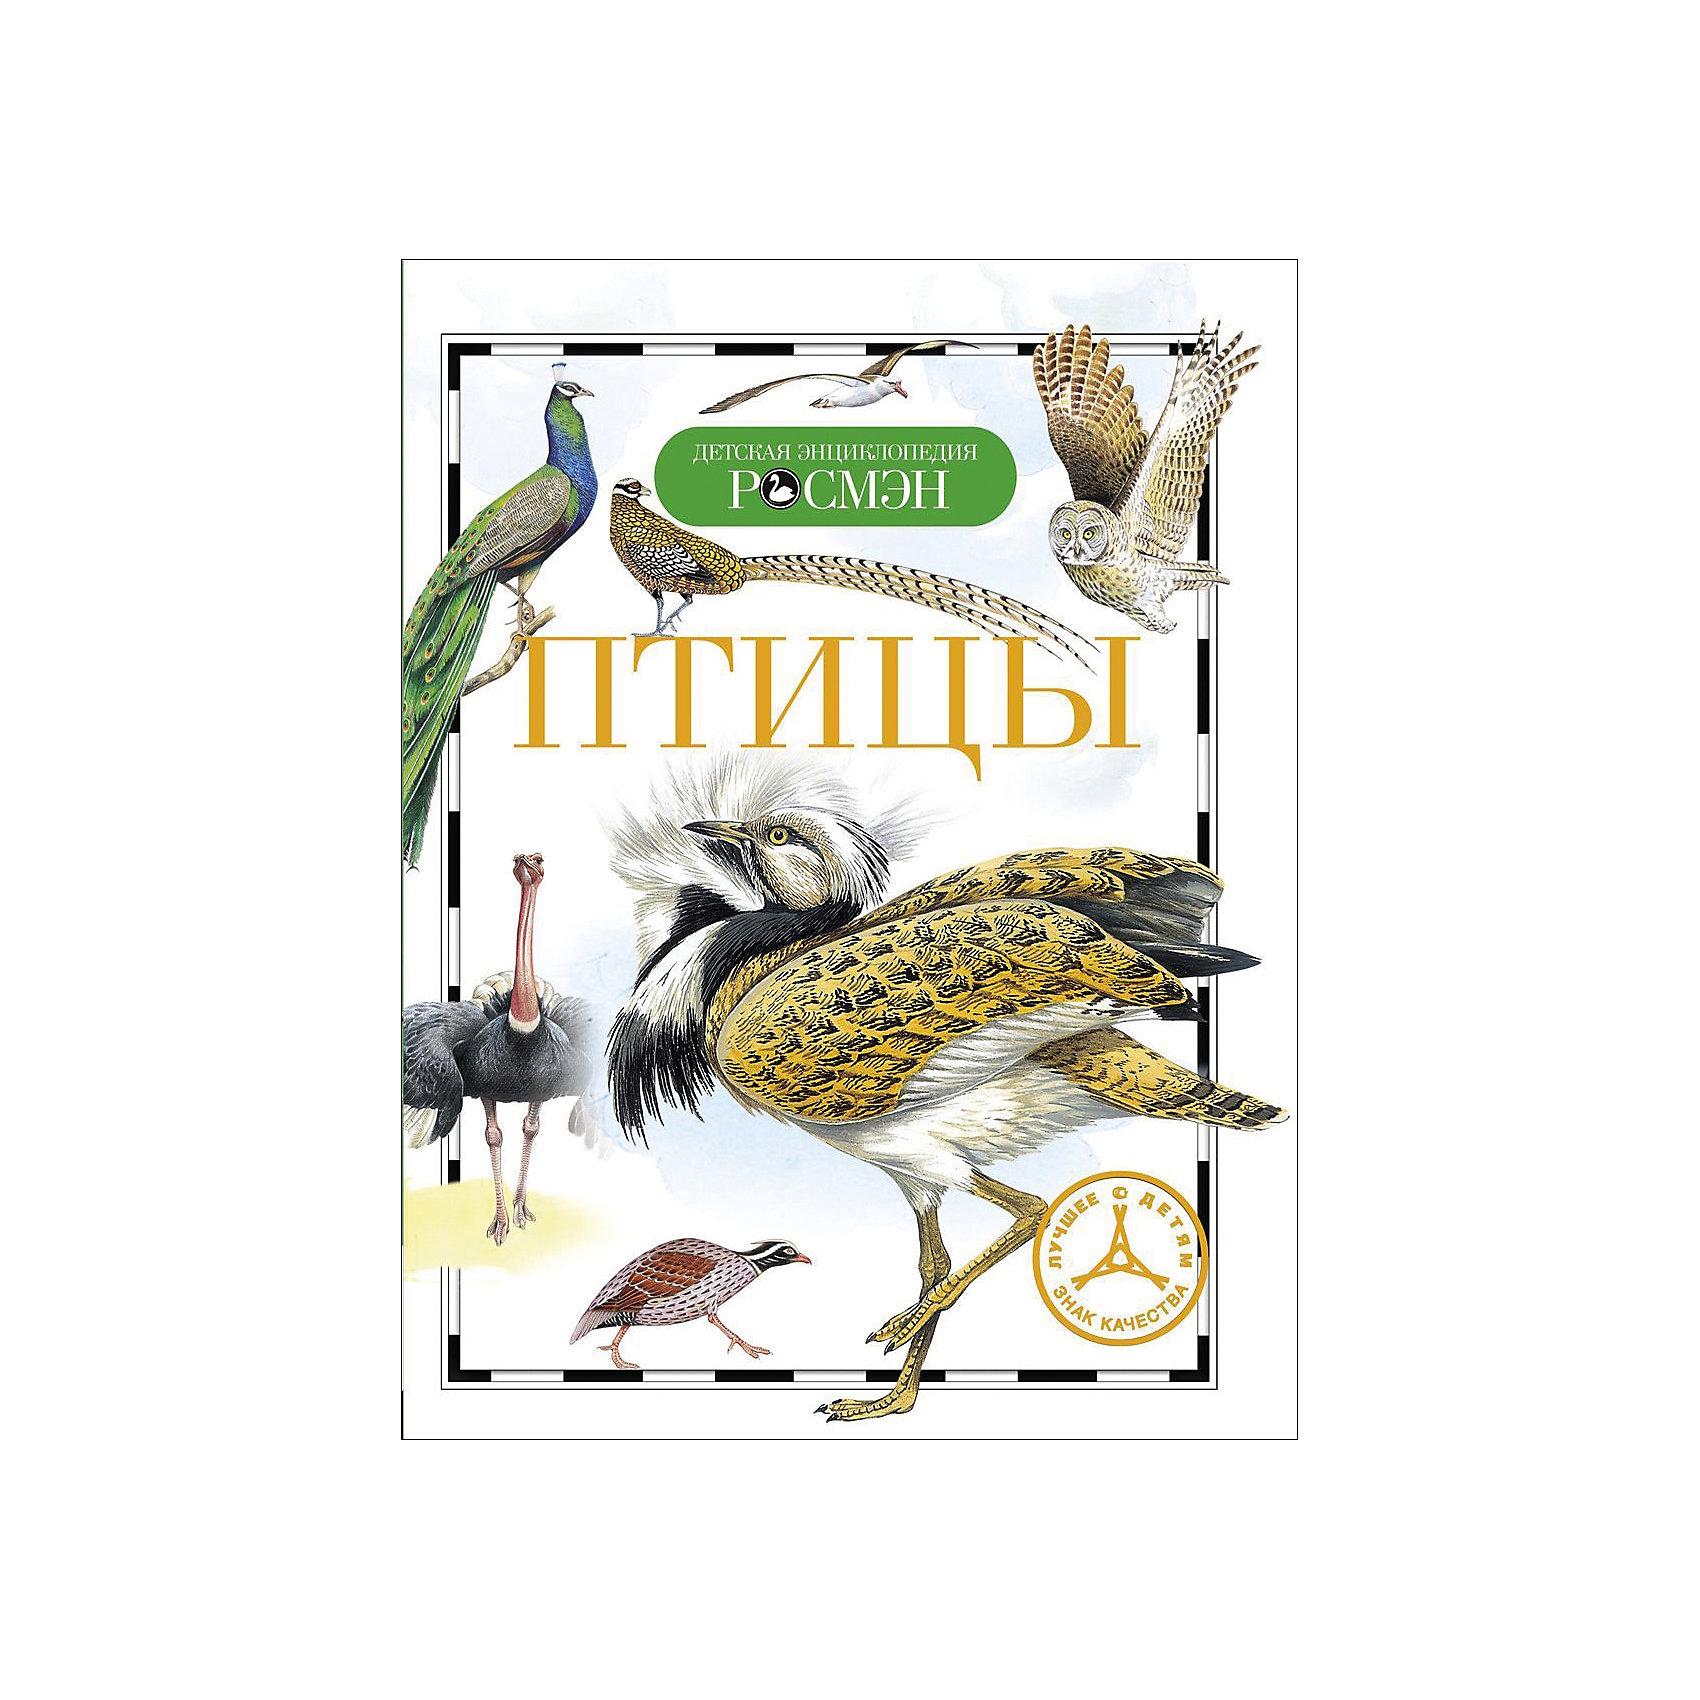 ПтицыЭнциклопедии<br>Характеристики товара:<br><br>- цвет: разноцветный;<br>- материал: бумага;<br>- страниц: 96;<br>- формат: 17 x 21 см;<br>- обложка: твердая;<br>- цветные иллюстрации.<br><br>Эта интересная книга с иллюстрациями станет отличным подарком для ребенка. Она содержит в себе ответы на вопросы, которые интересуют малышей. Всё представлено в очень простой форме! Талантливый иллюстратор дополнил книгу качественными рисунками, которые помогают ребенку понять суть многих вещей в нашем мире. Удивительные и интересные факты помогут привить любовь к учебе!<br>Чтение - отличный способ активизации мышления, оно помогает ребенку развивать зрительную память, концентрацию внимания и воображение. Издание произведено из качественных материалов, которые безопасны даже для самых маленьких.<br><br>Книгу Птицы от компании Росмэн можно купить в нашем интернет-магазине.<br><br>Ширина мм: 220<br>Глубина мм: 165<br>Высота мм: 8<br>Вес г: 221<br>Возраст от месяцев: 84<br>Возраст до месяцев: 108<br>Пол: Унисекс<br>Возраст: Детский<br>SKU: 5109992